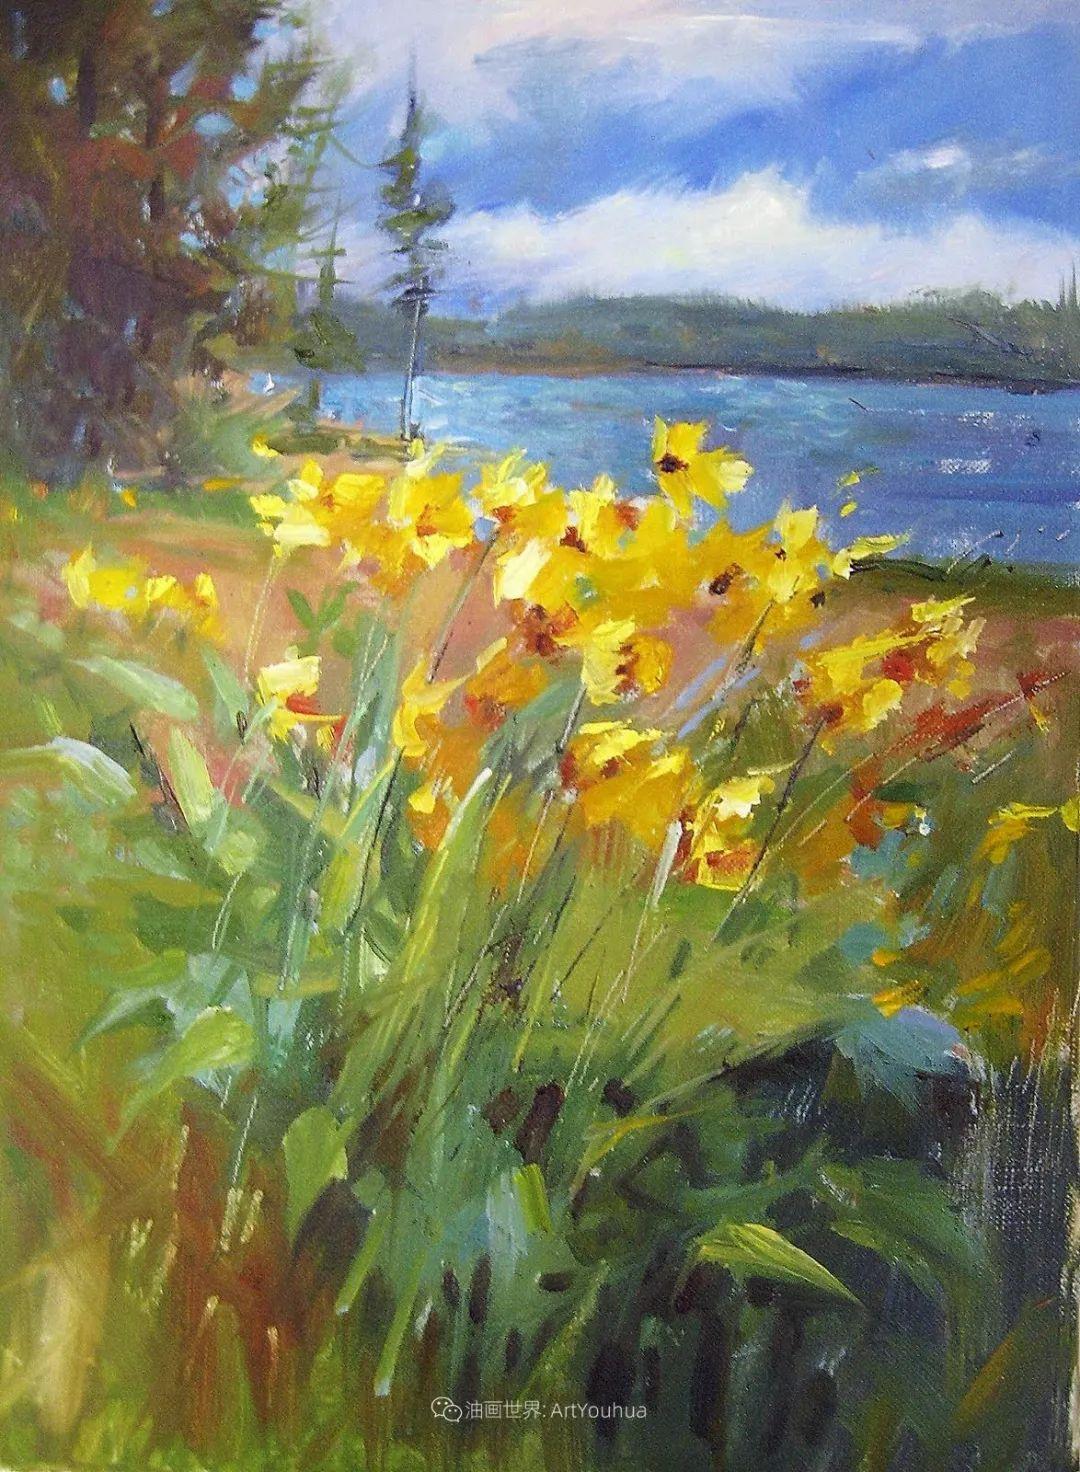 美国画家玛丽·麦克萨姆花卉作品选(下)插图69